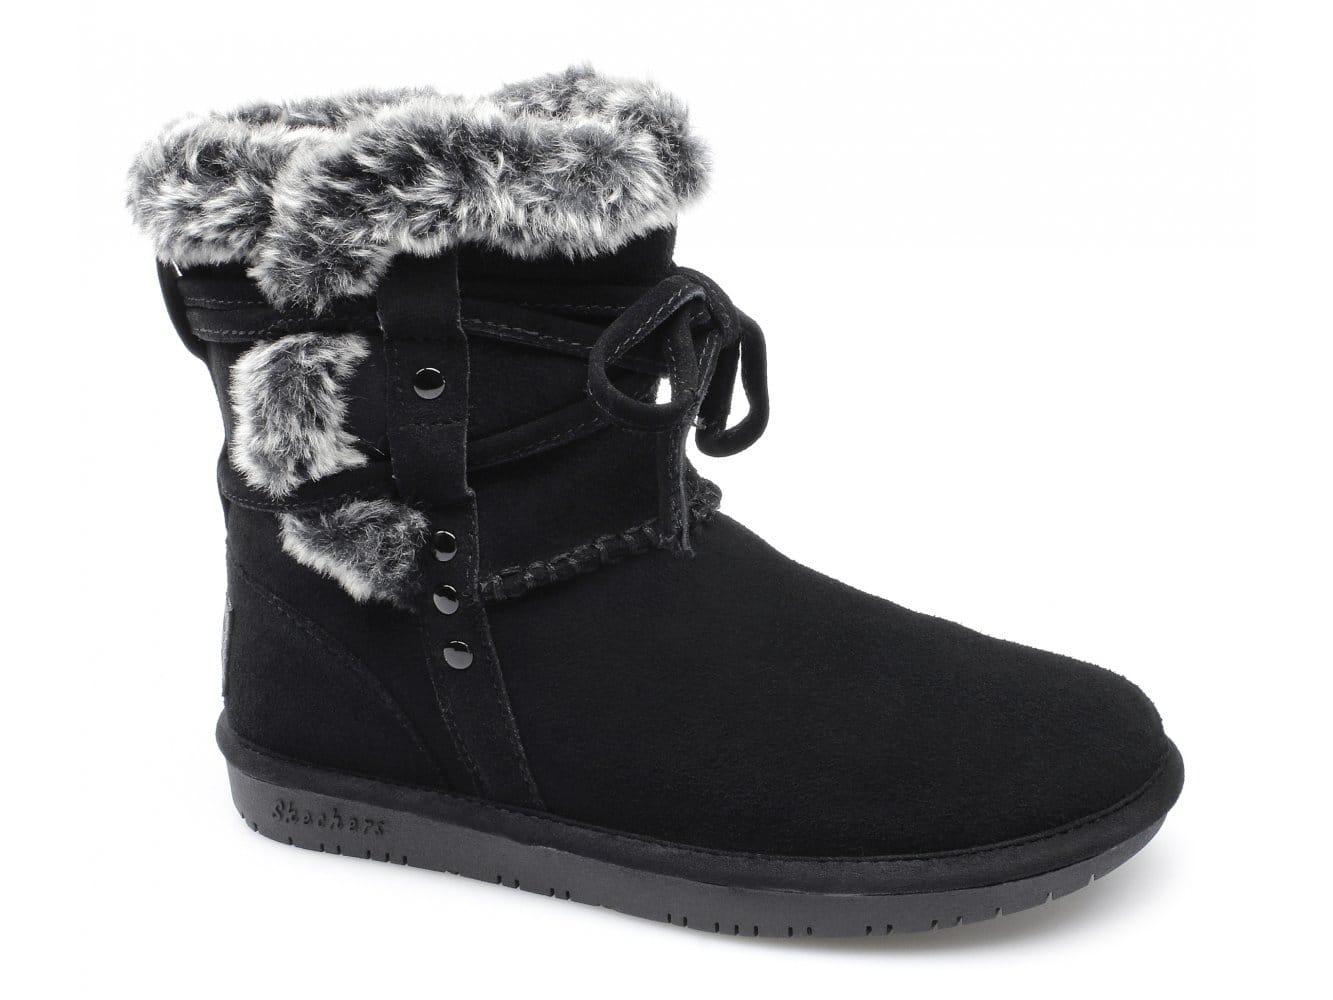 Skechers Premium Faux Fur Womens Shoes